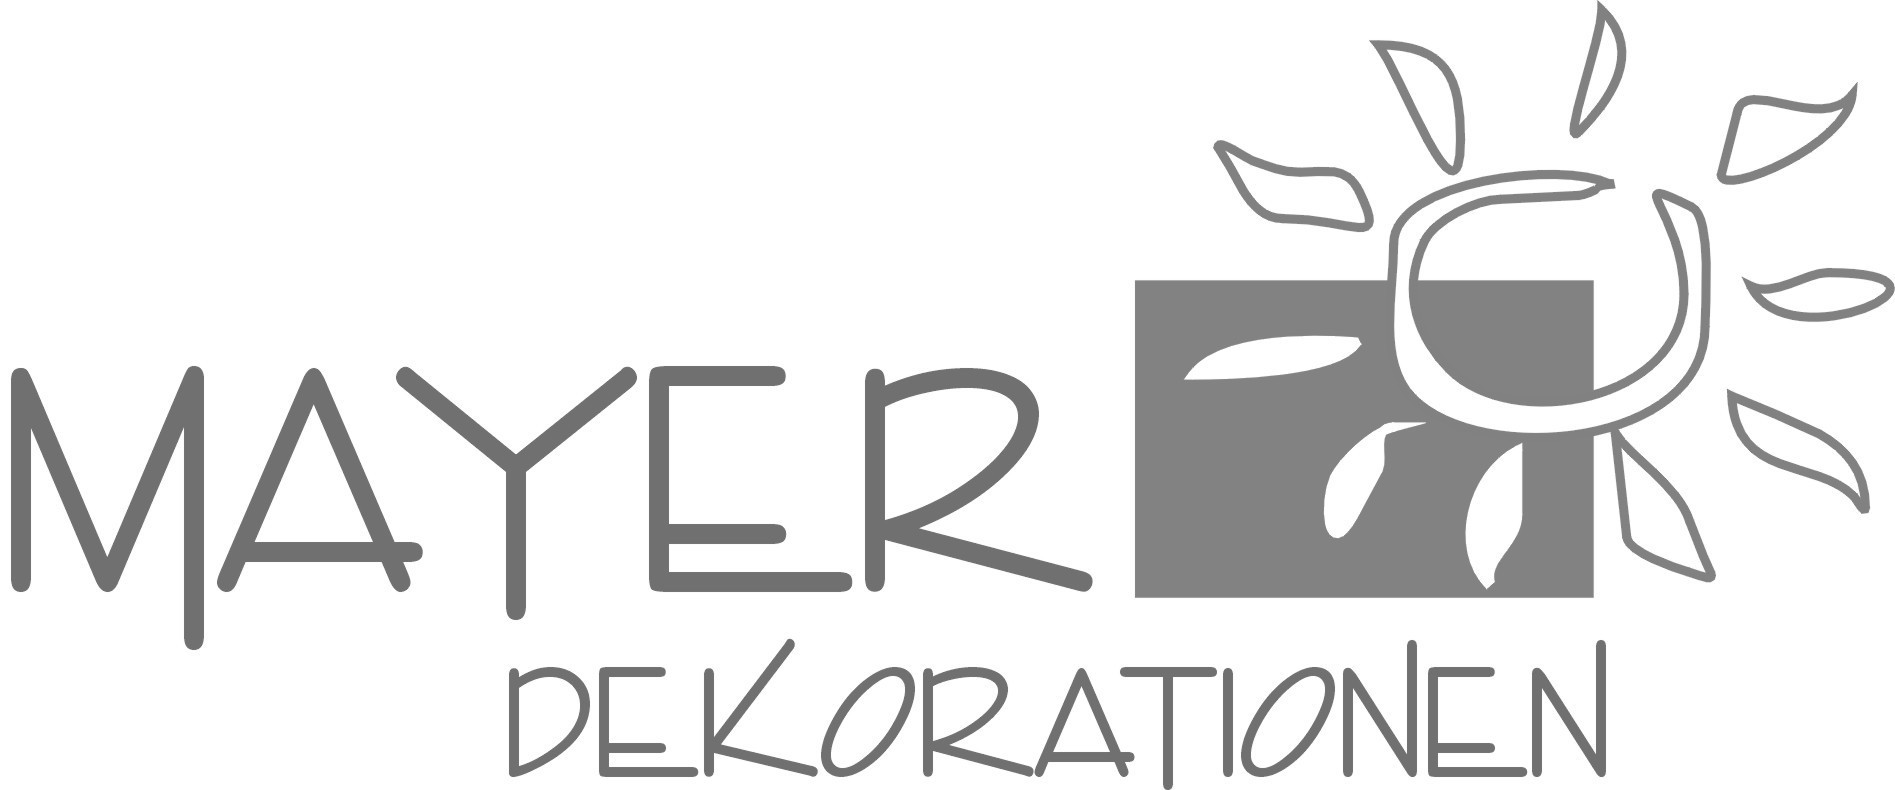 Apotheke Dekoration Schauwerbung visuelles Marketing Schaufensterdekorateur Schaufensterdekoration Schaufenster